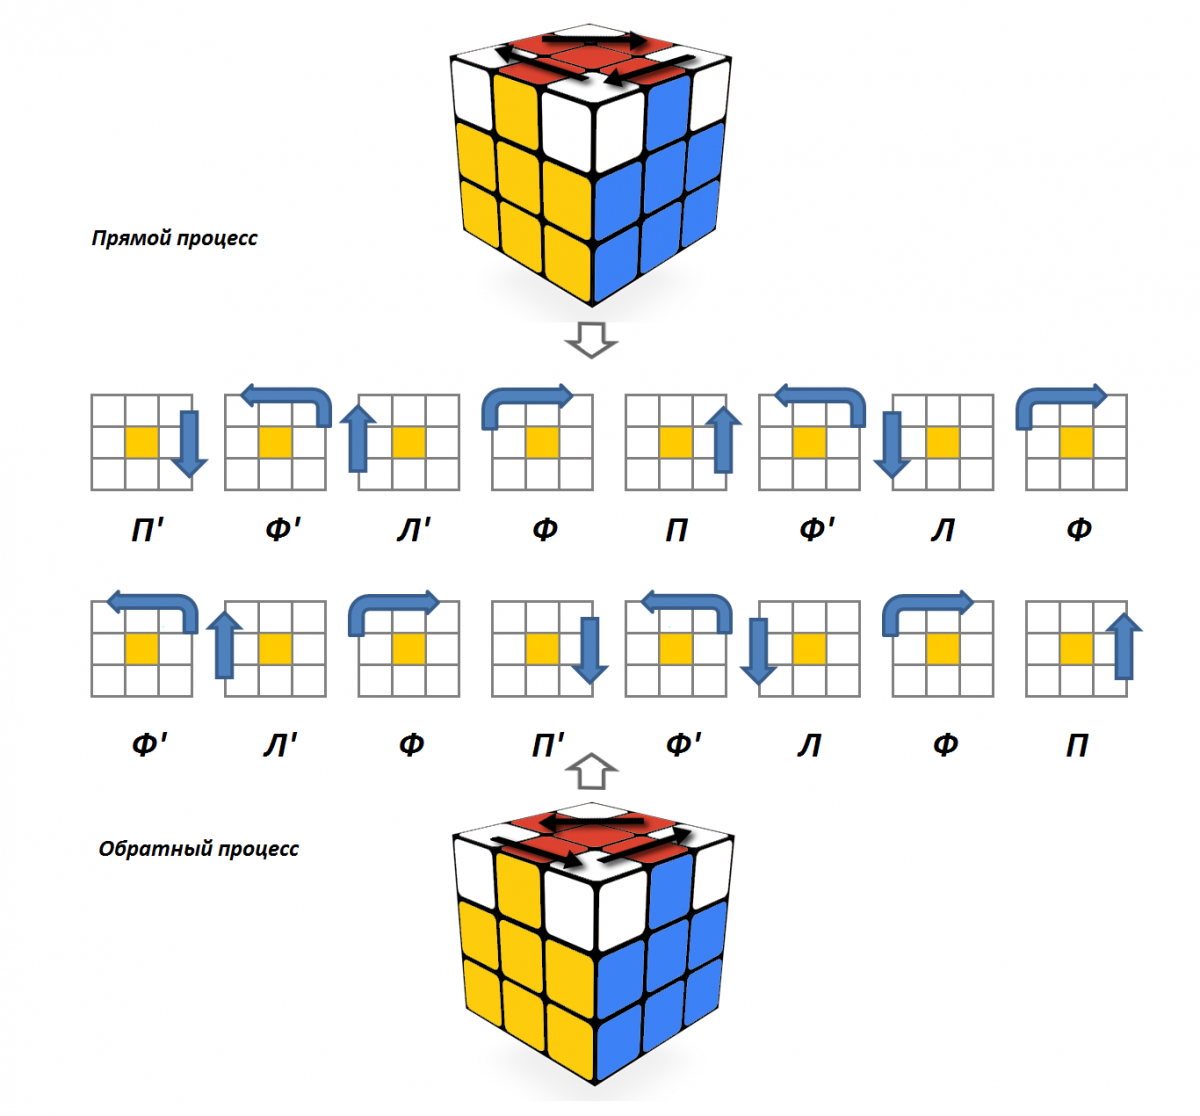 Кубик рубик обои, кубик рубик картинки, кубик рубик фото